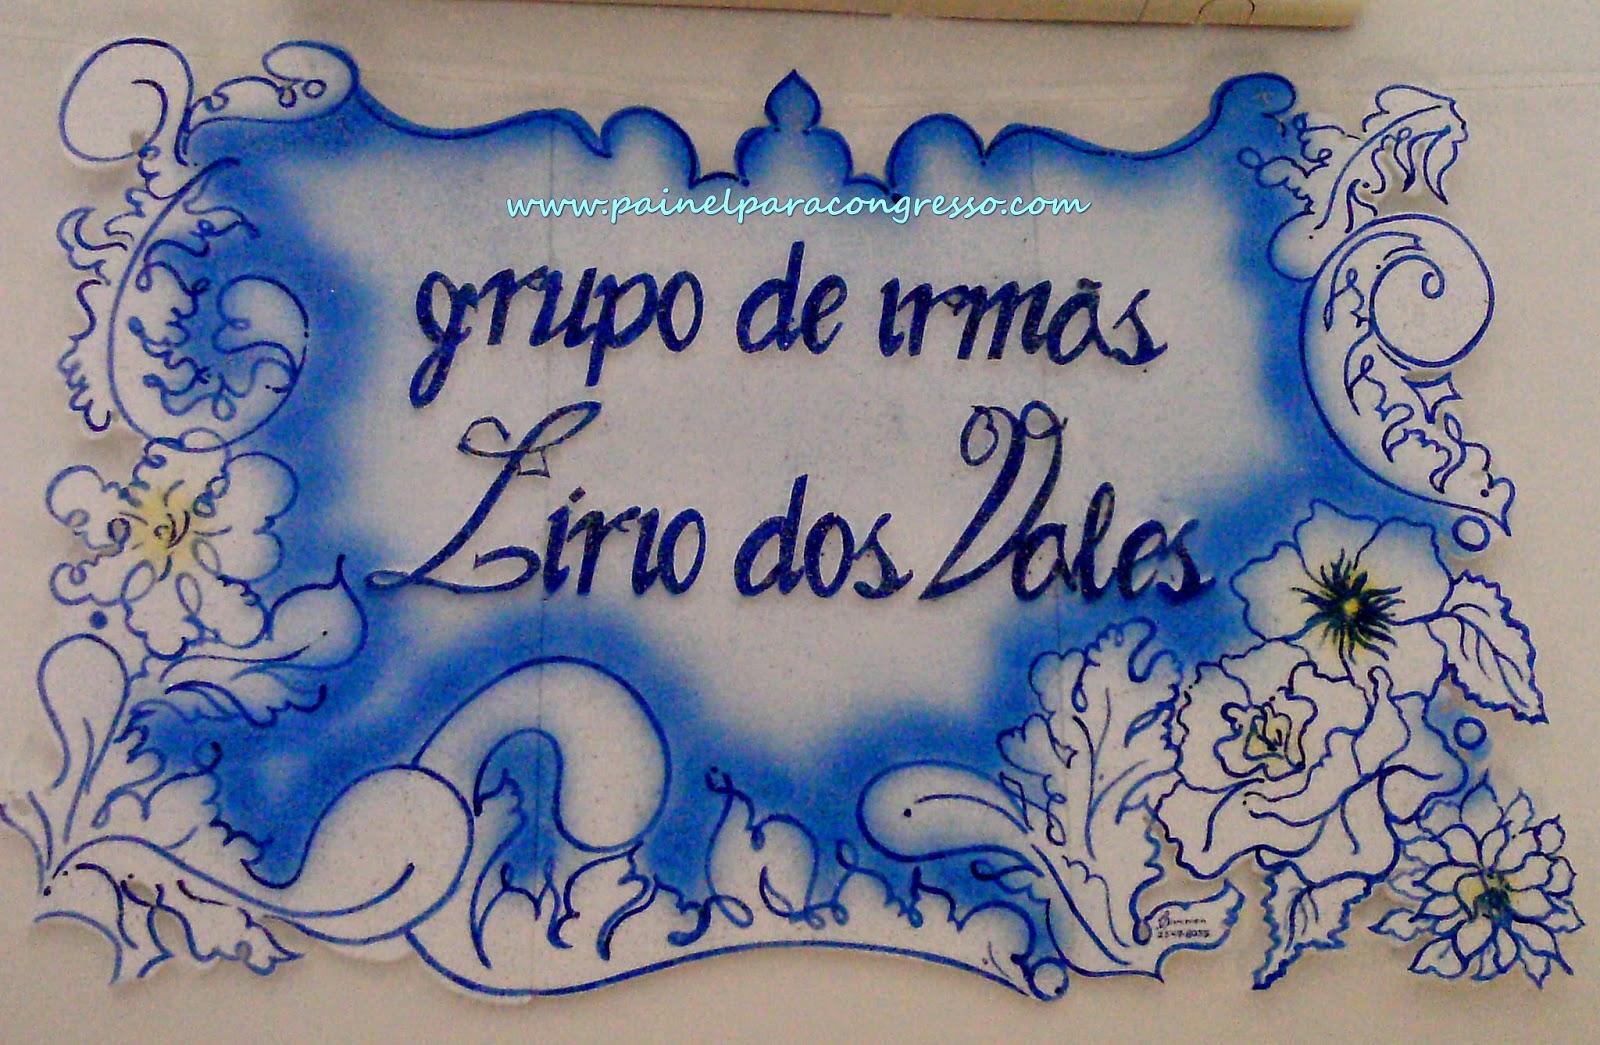 Grupo de irmãs LÍRIO DOS VALES  /  painel número 49